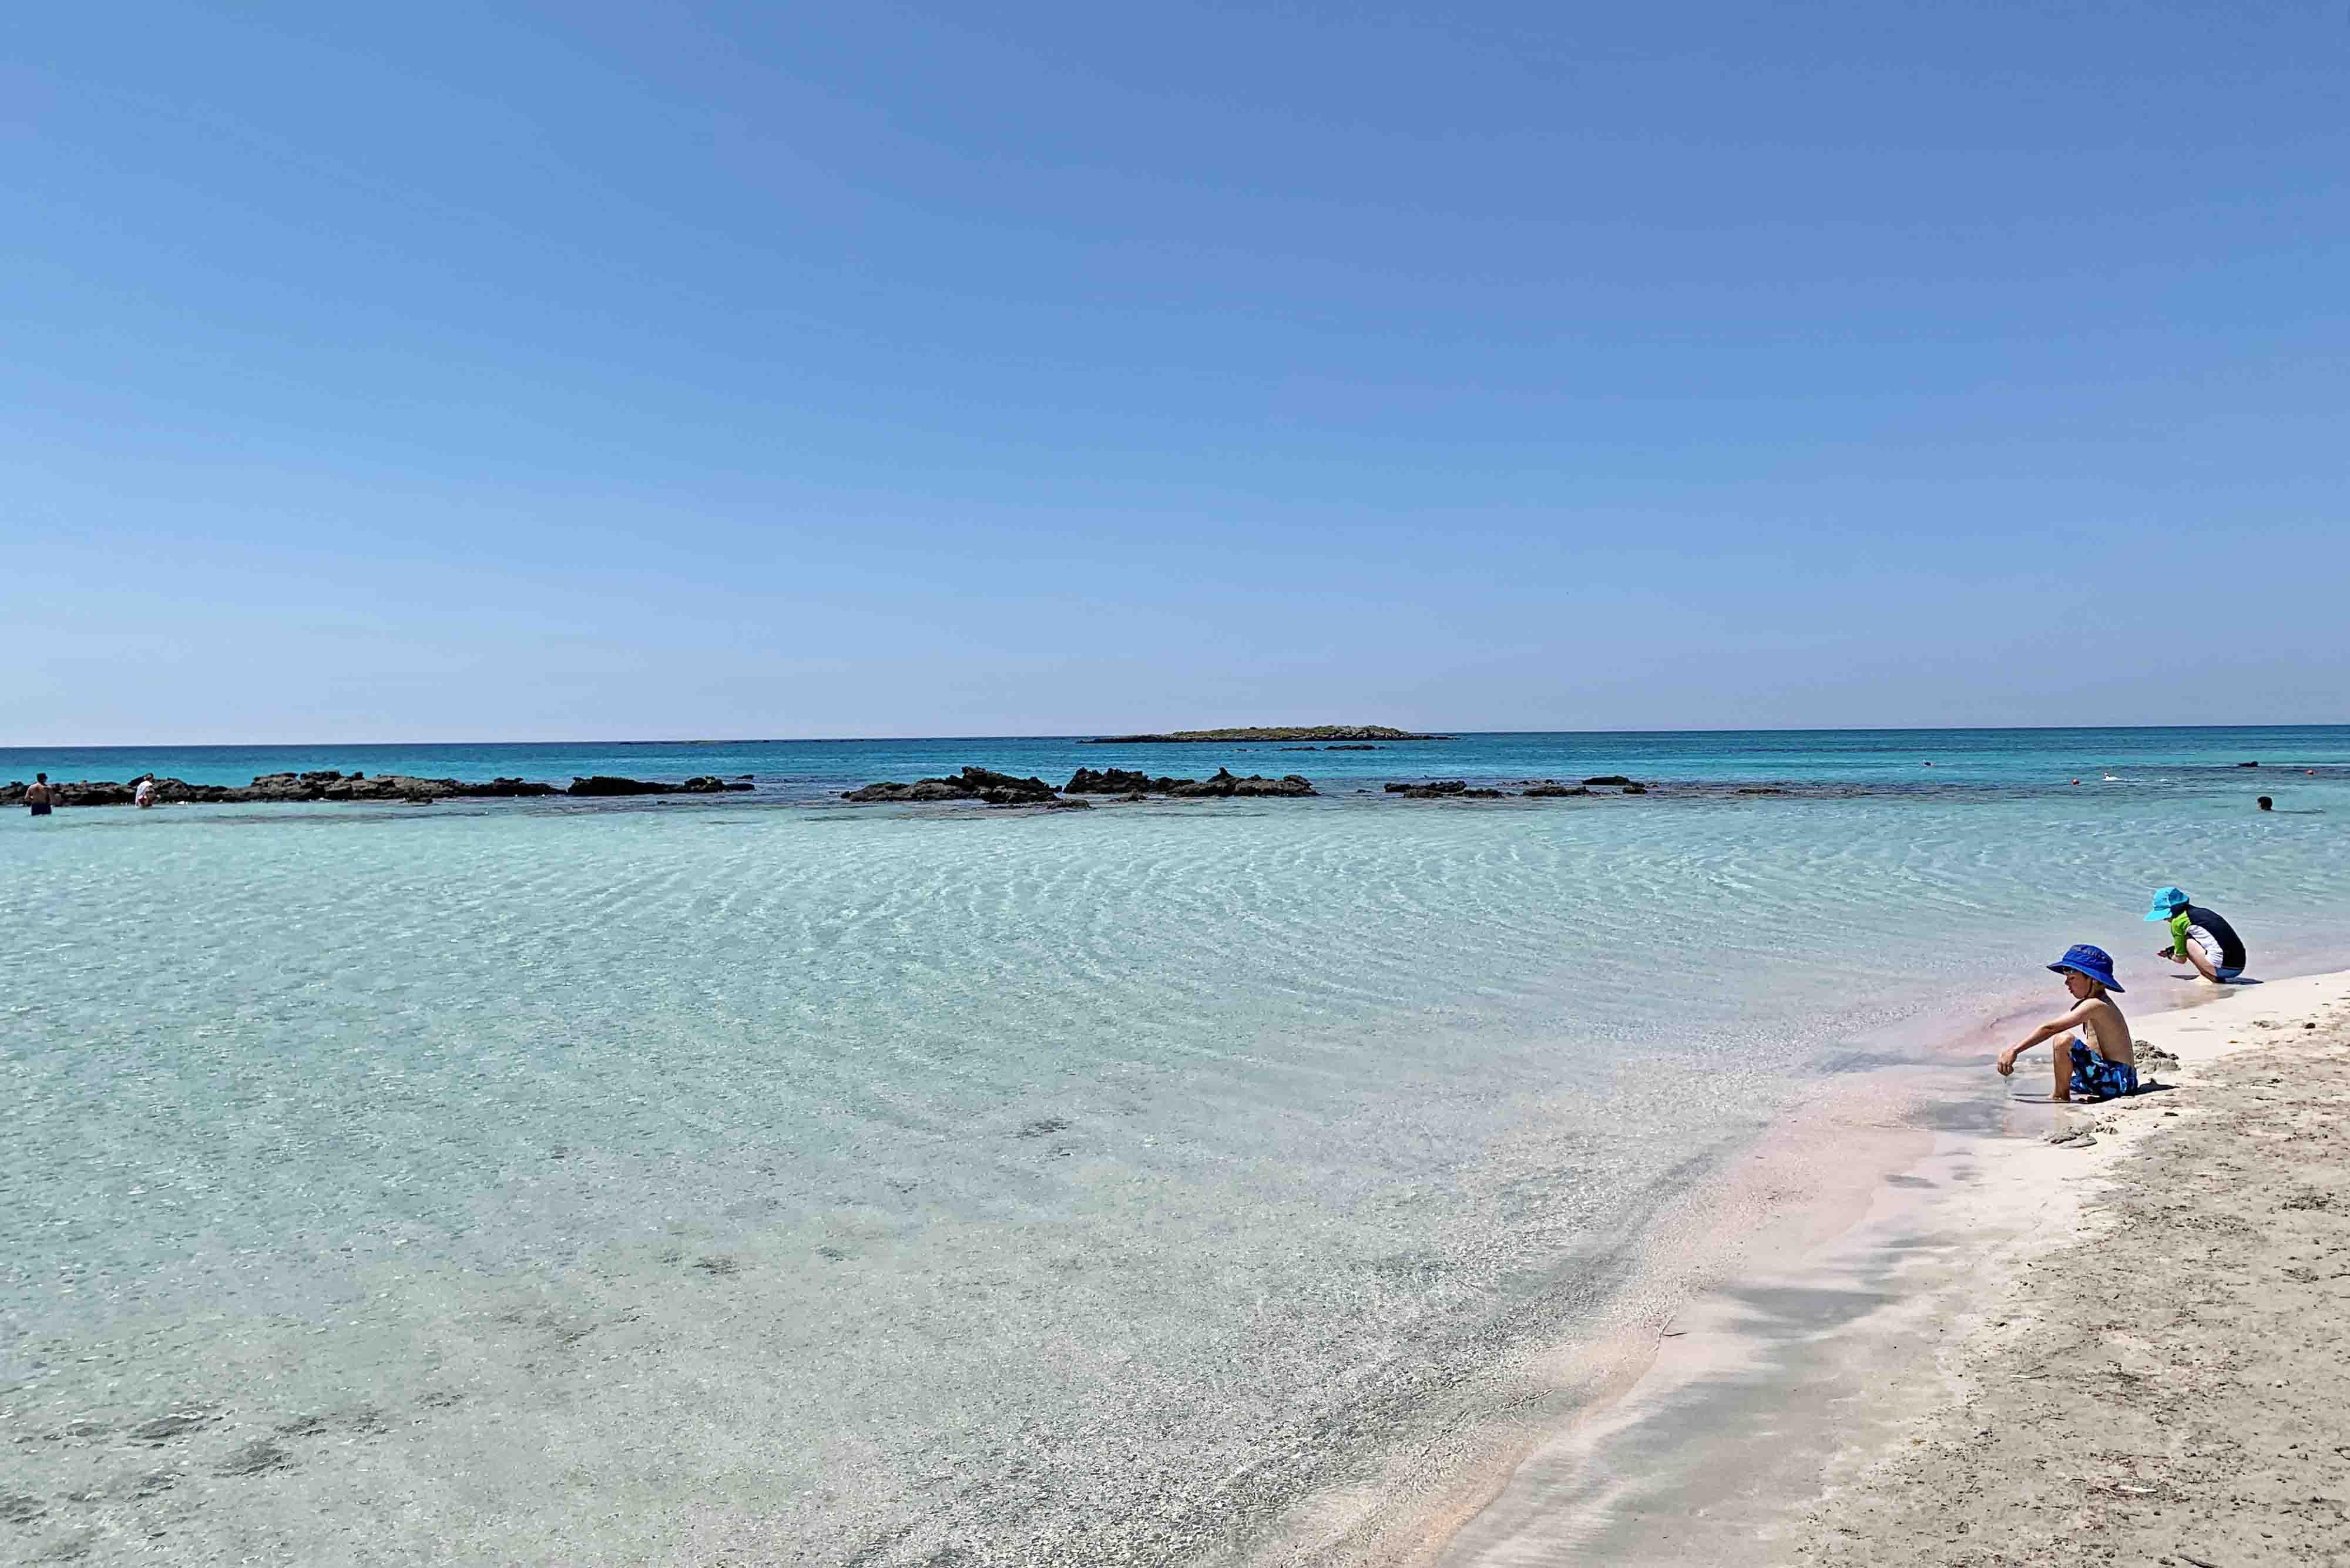 Dicas de Creta - praias - Elafonisi Beach - Chania - Grécia